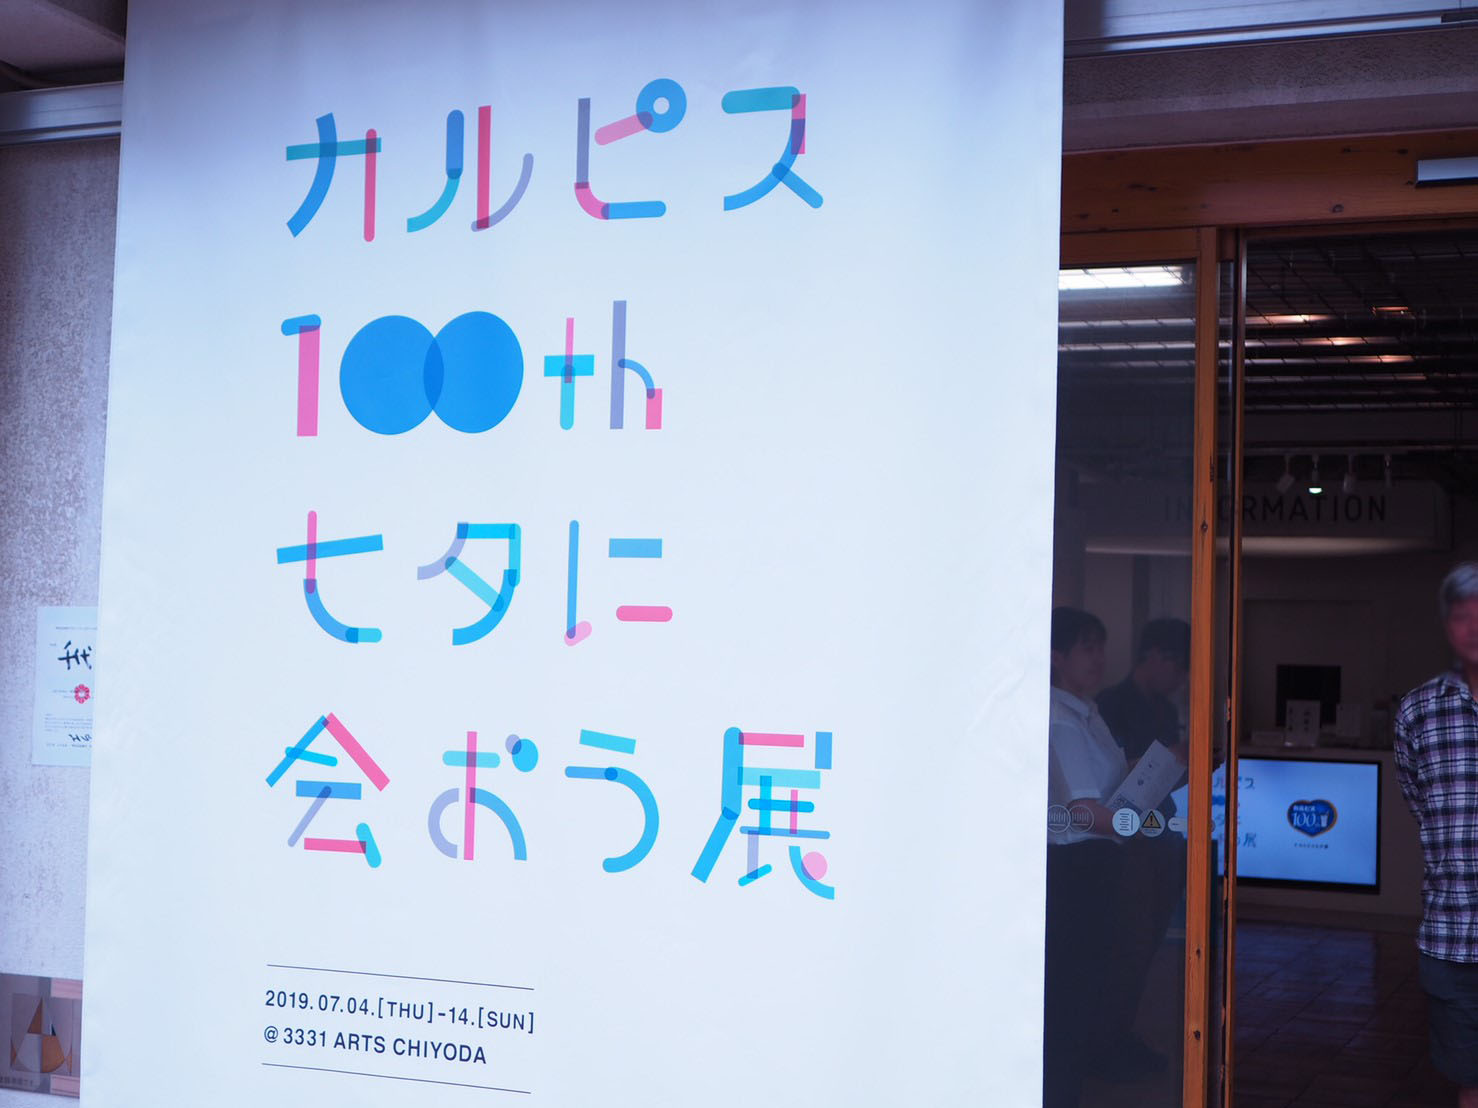 無料イベント【#カルピス®︎100th 七夕に会おう展】レポ♩_2